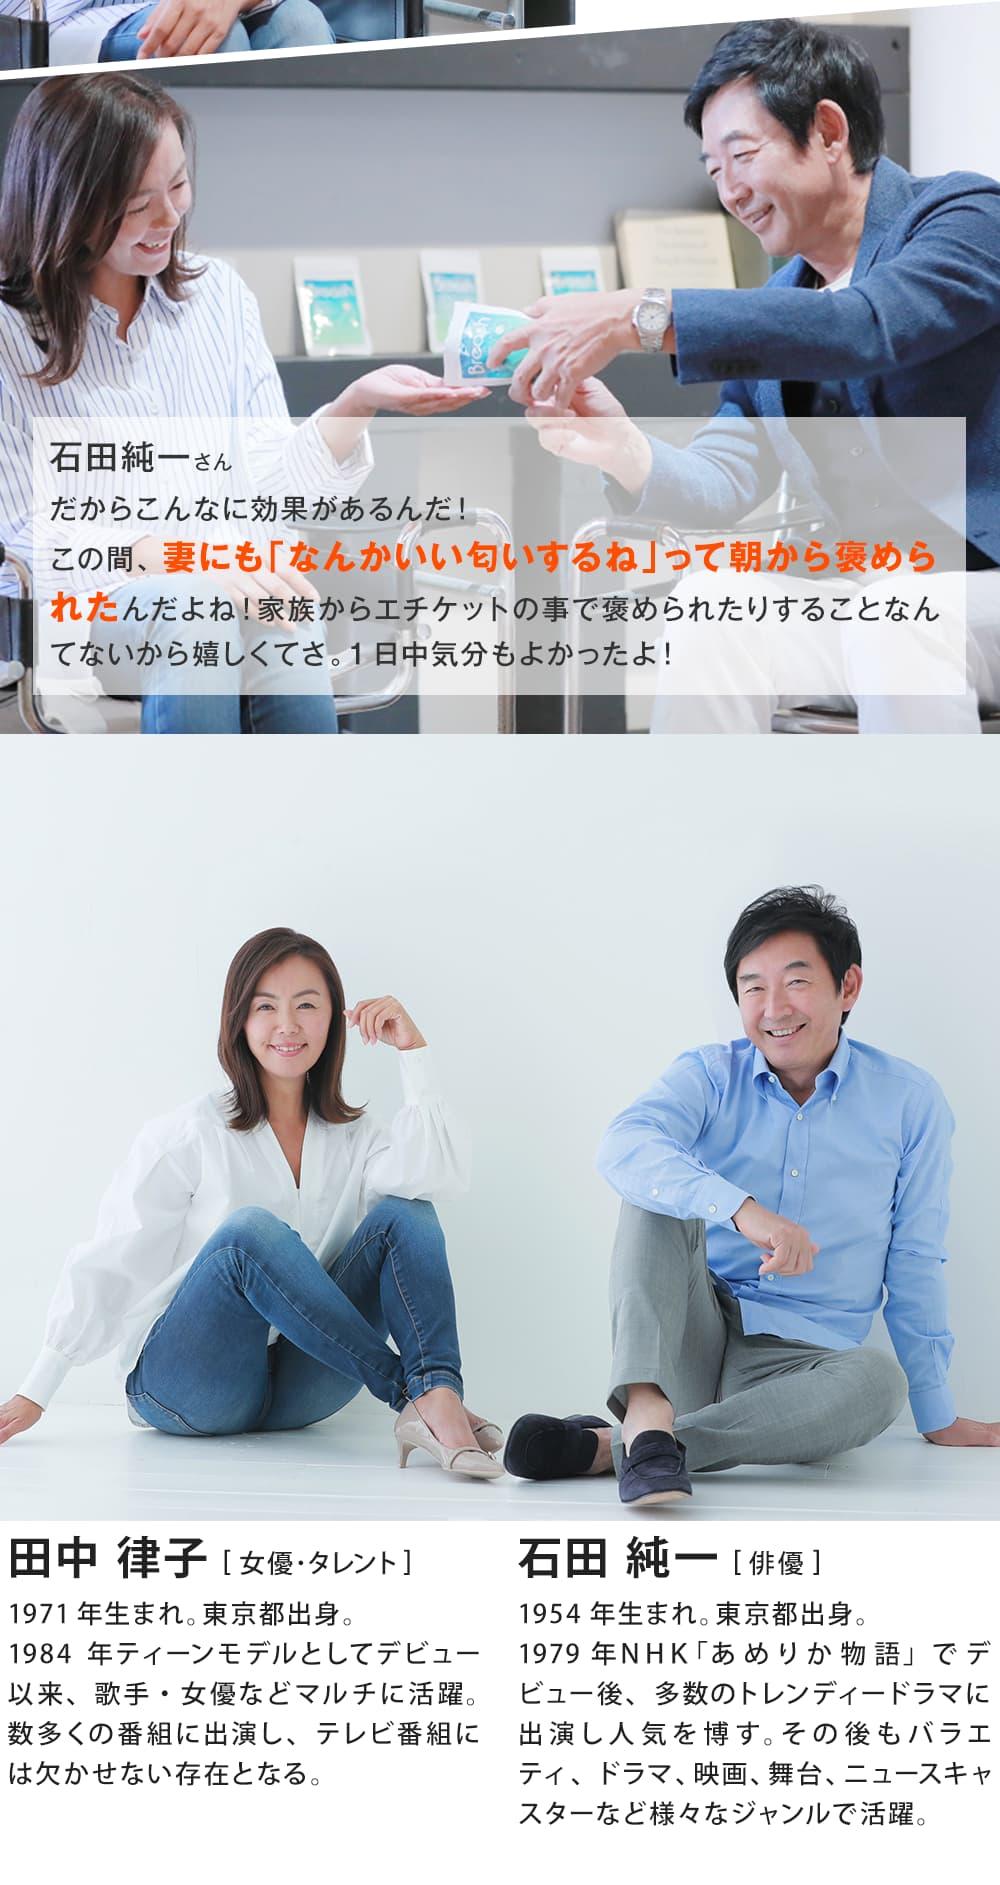 田中律子さん、石田純一さんにもご愛用頂いています!すぐ息リフレッシュの真相とは!?お二人をインタビュー